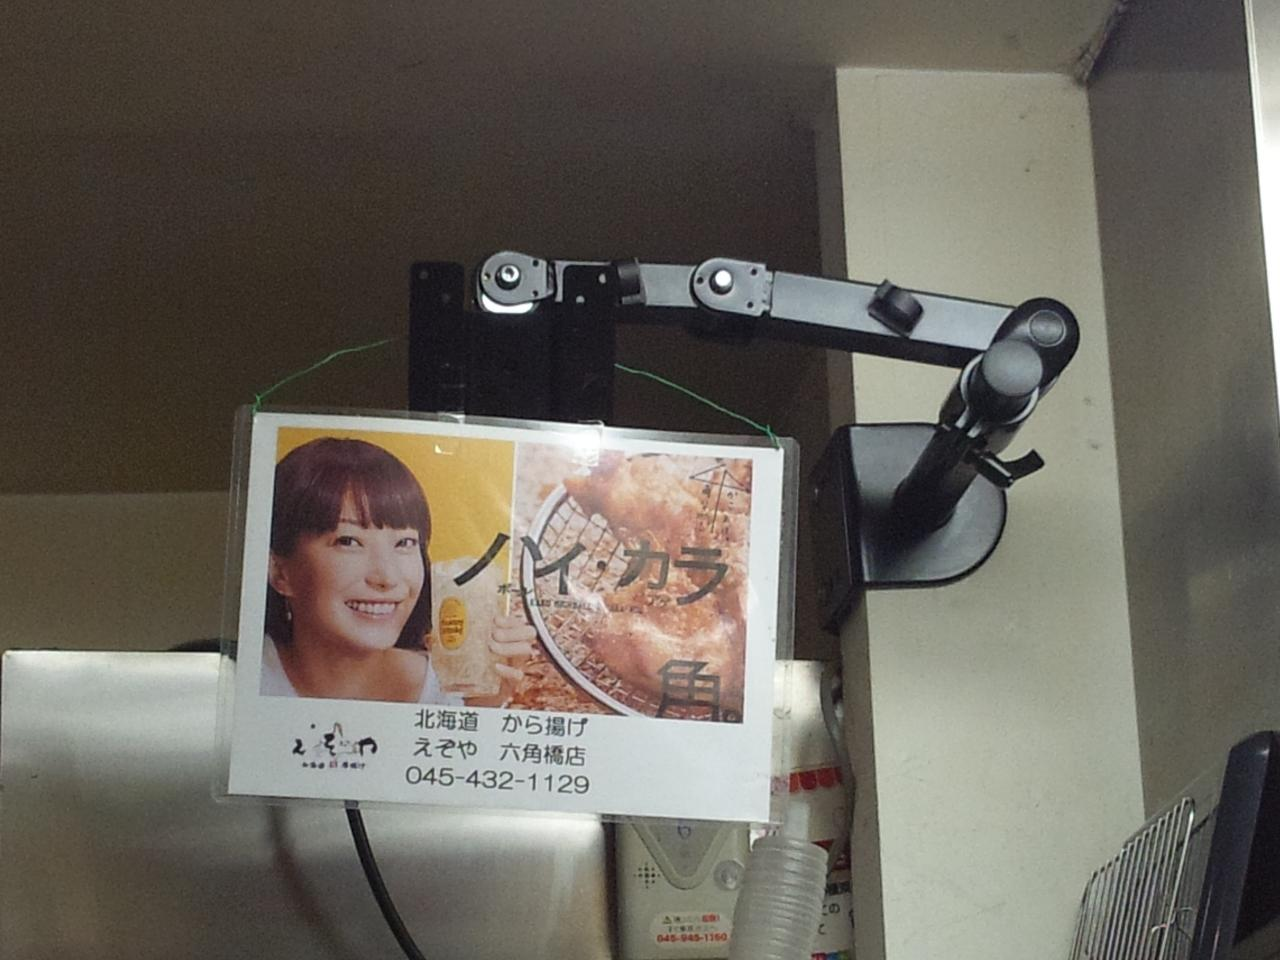 えぞや六角橋店(テレビ)